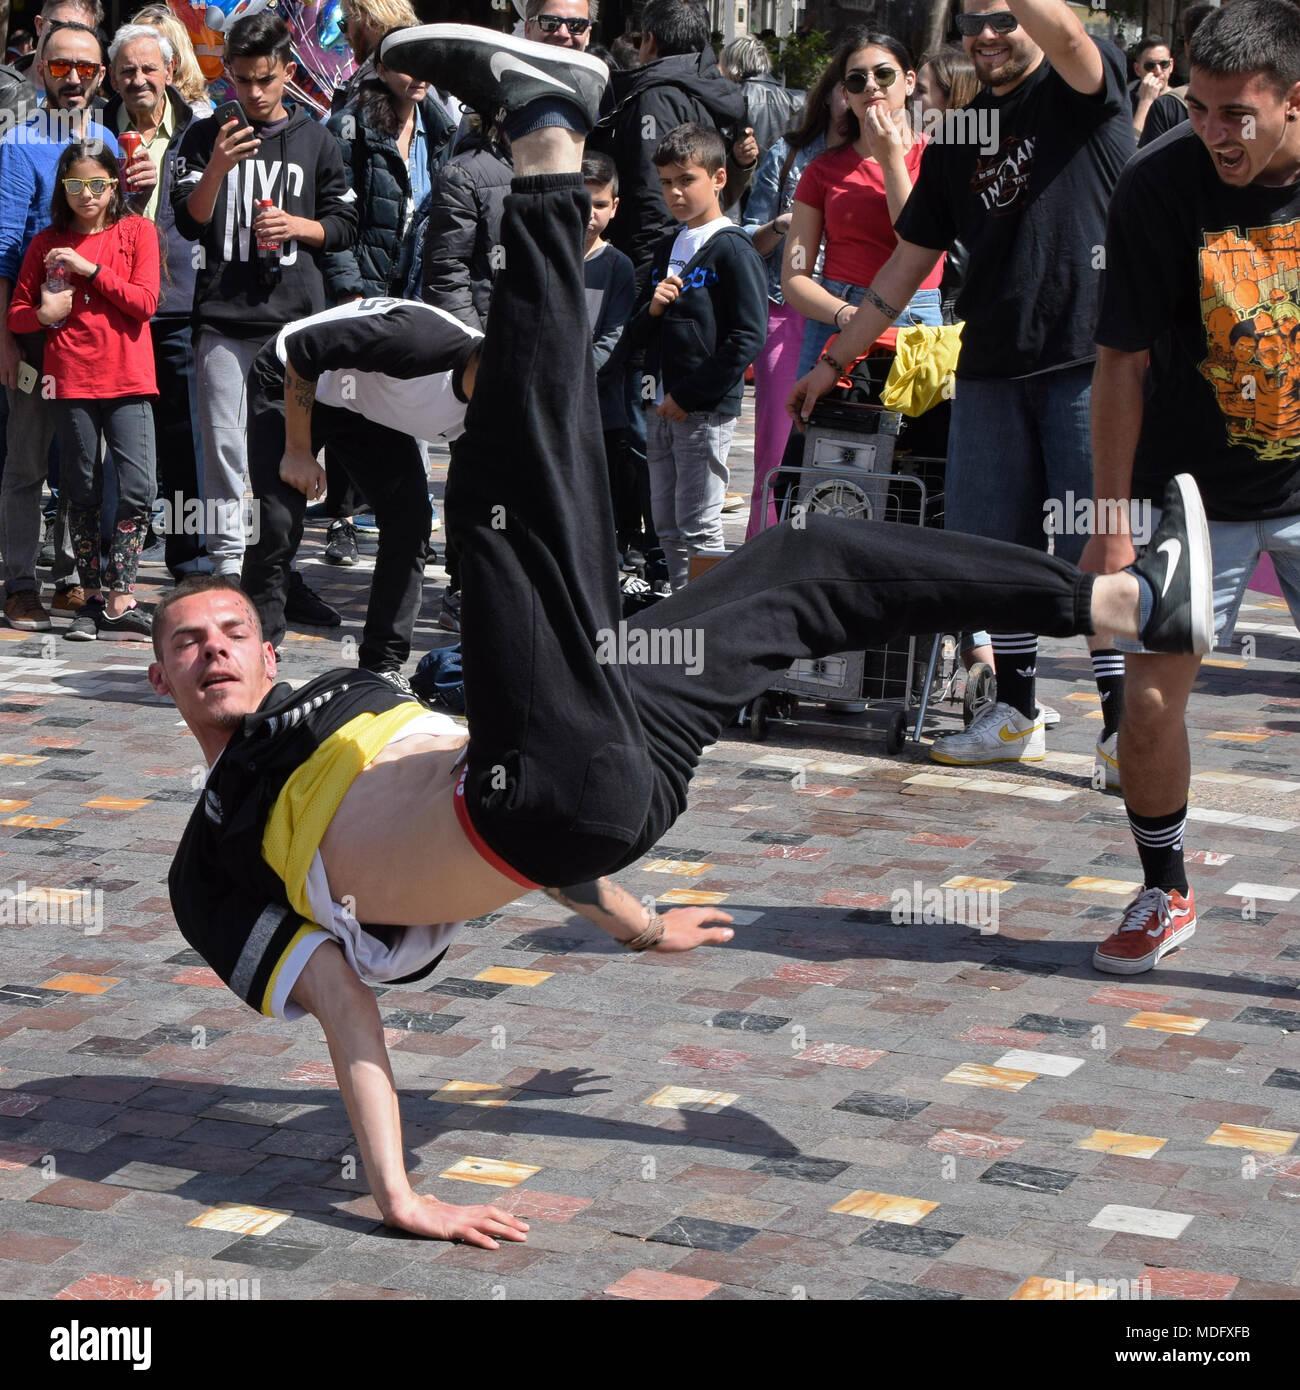 Athènes, Grèce - avril 1, 2018: Breakdancer performing dans une place publique et la foule de gens. Street dance culture de la jeunesse. Photo Stock